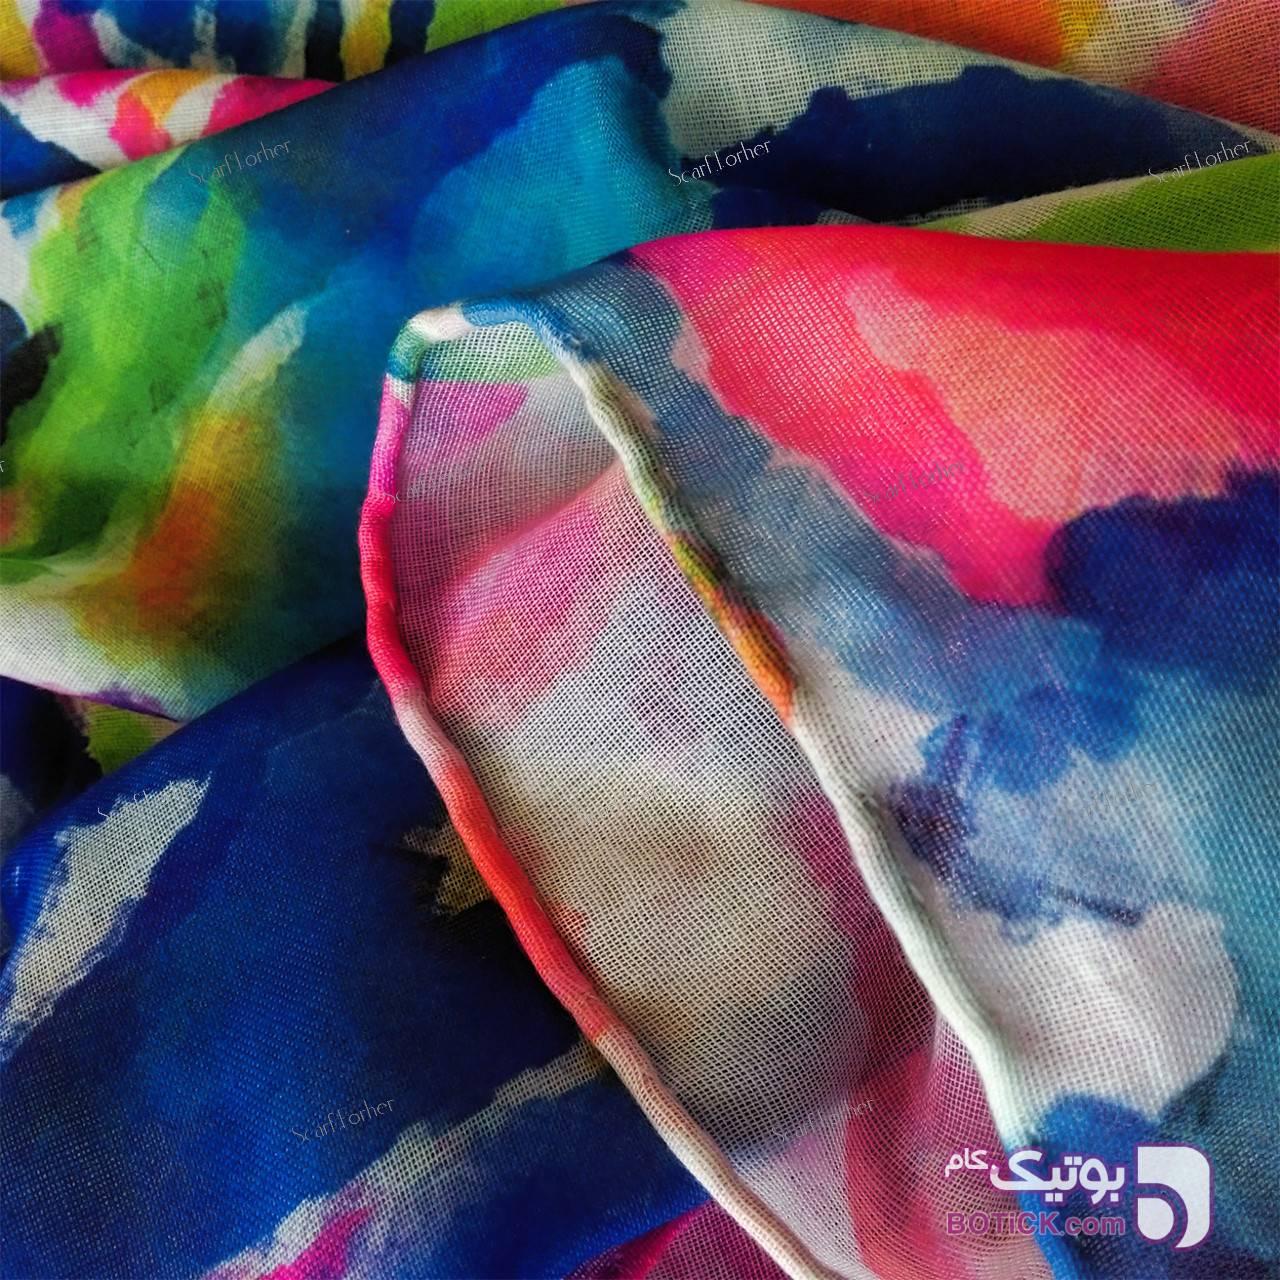 روسری زنانه نخی دور دست دوز مدل SFH-158 سبز شال و روسری